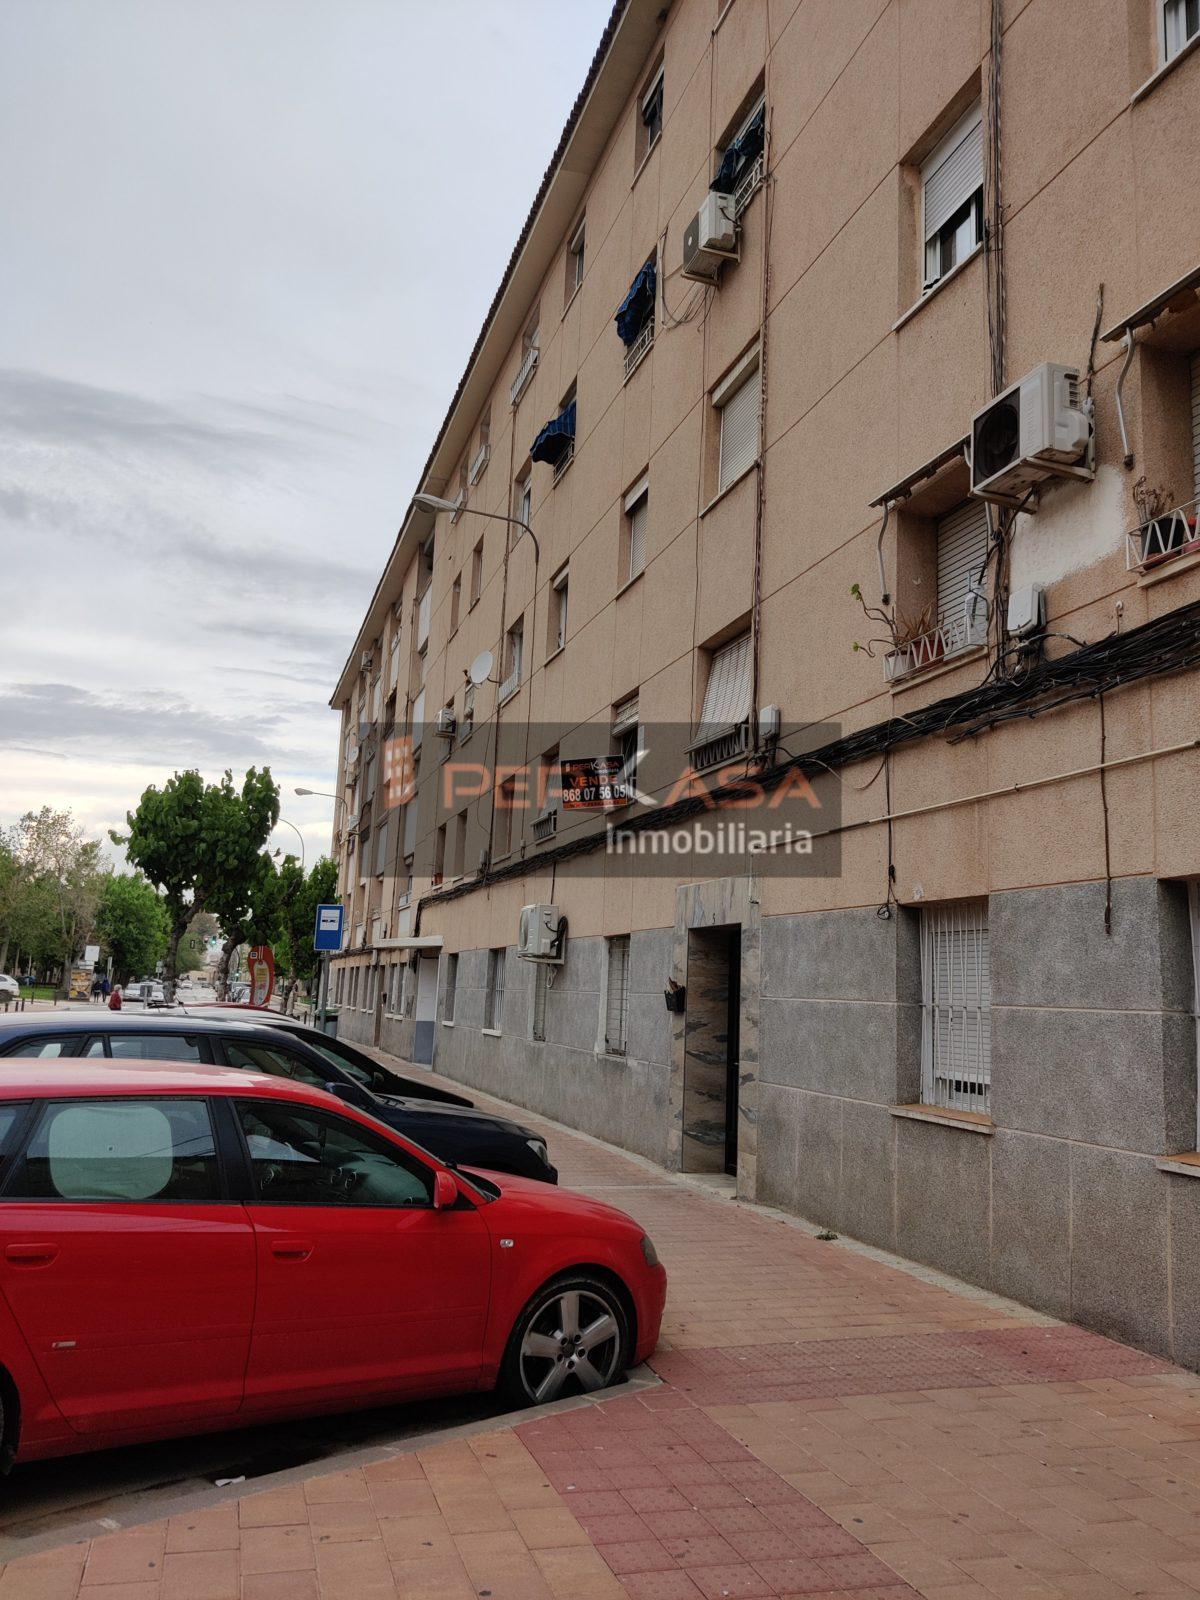 San Basilio, calle Rey Pedro, 5